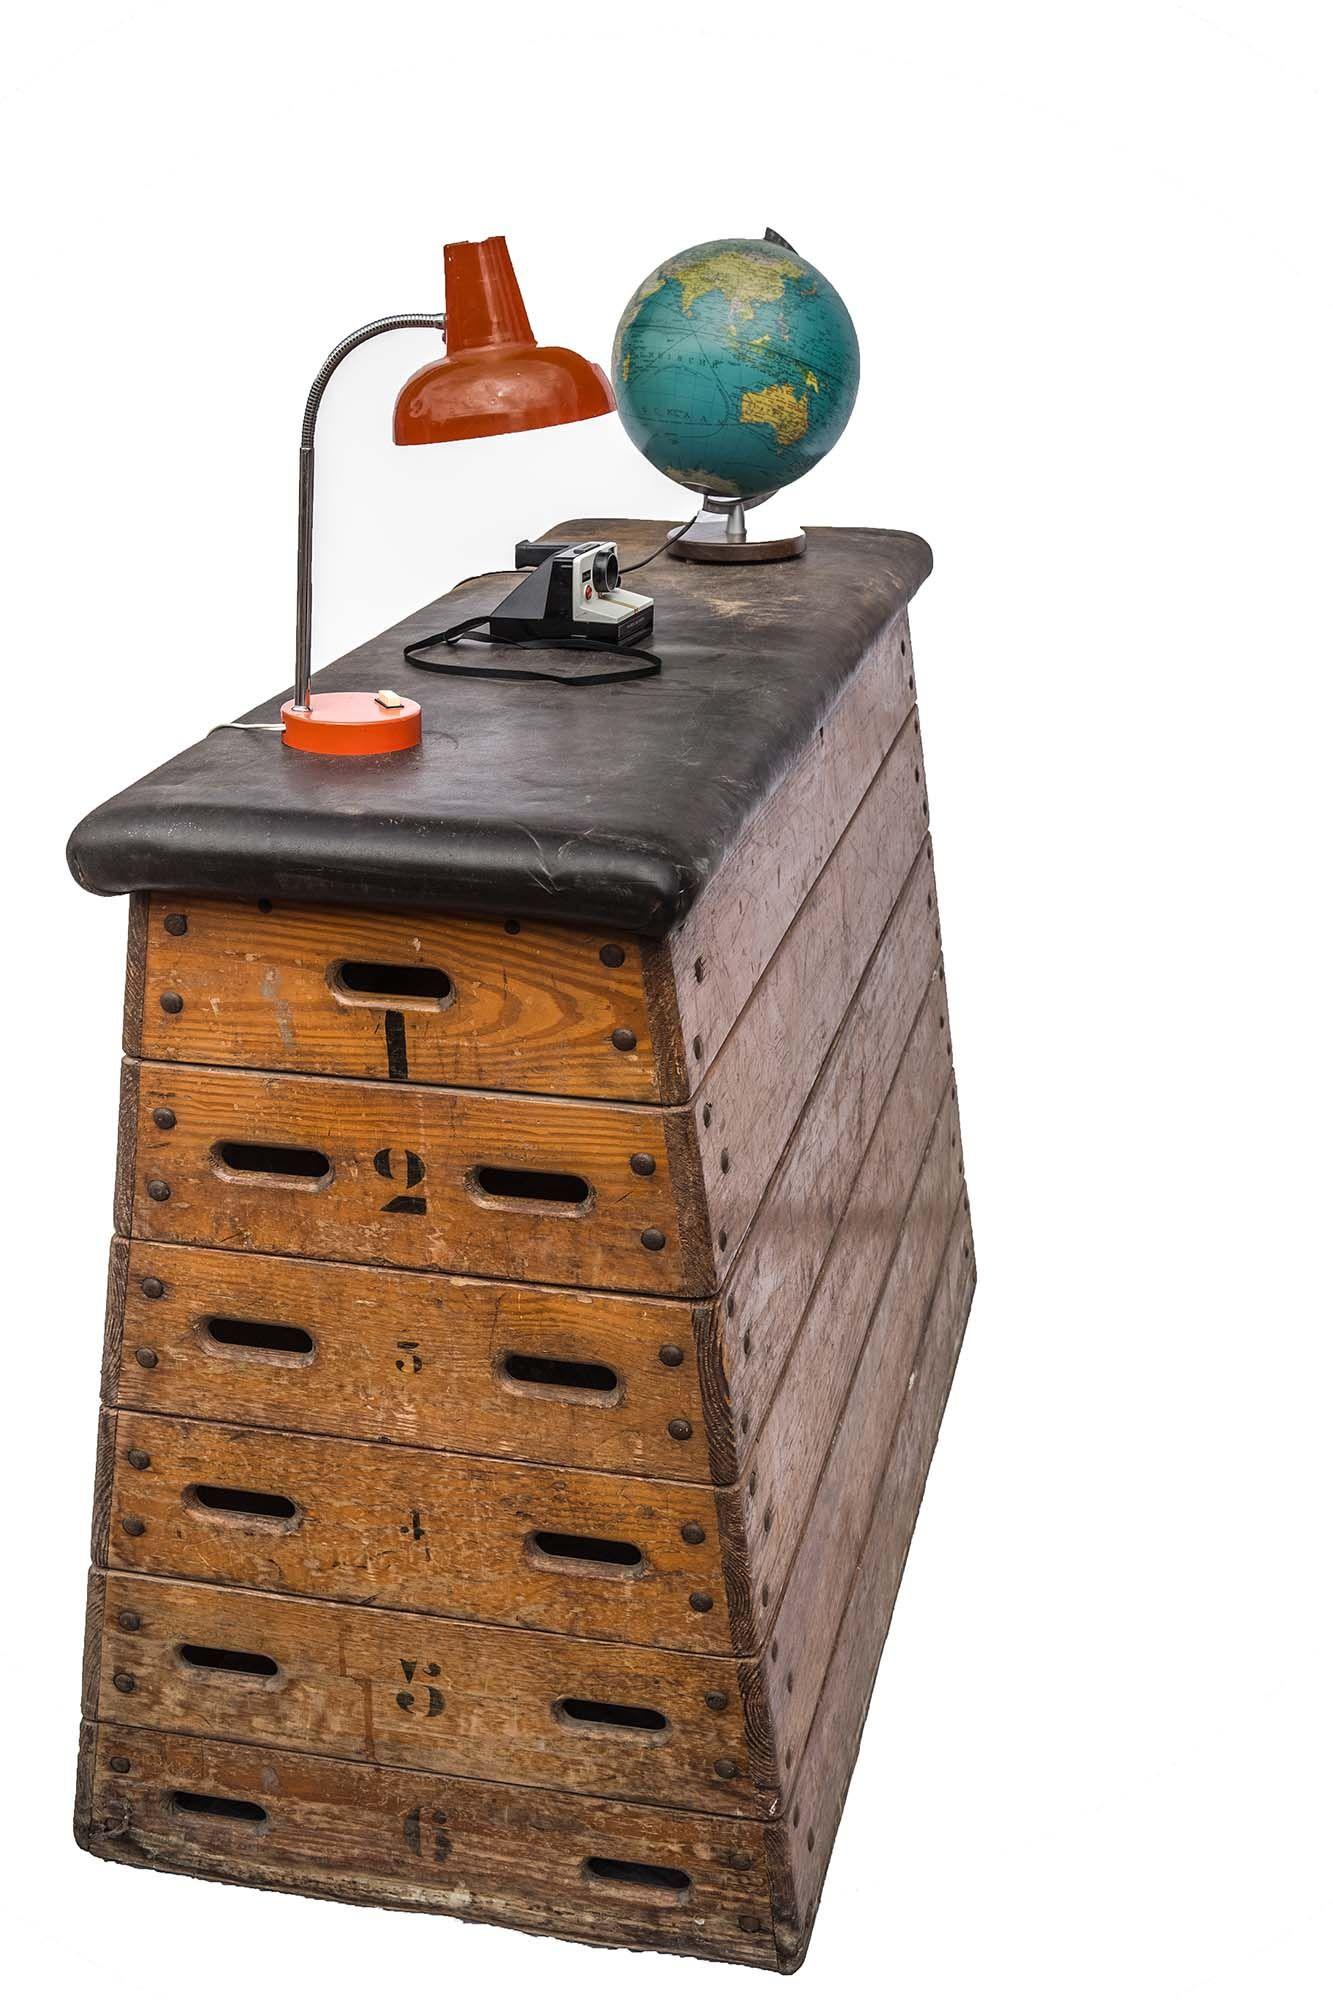 vintage turntoestellen - Google zoeken